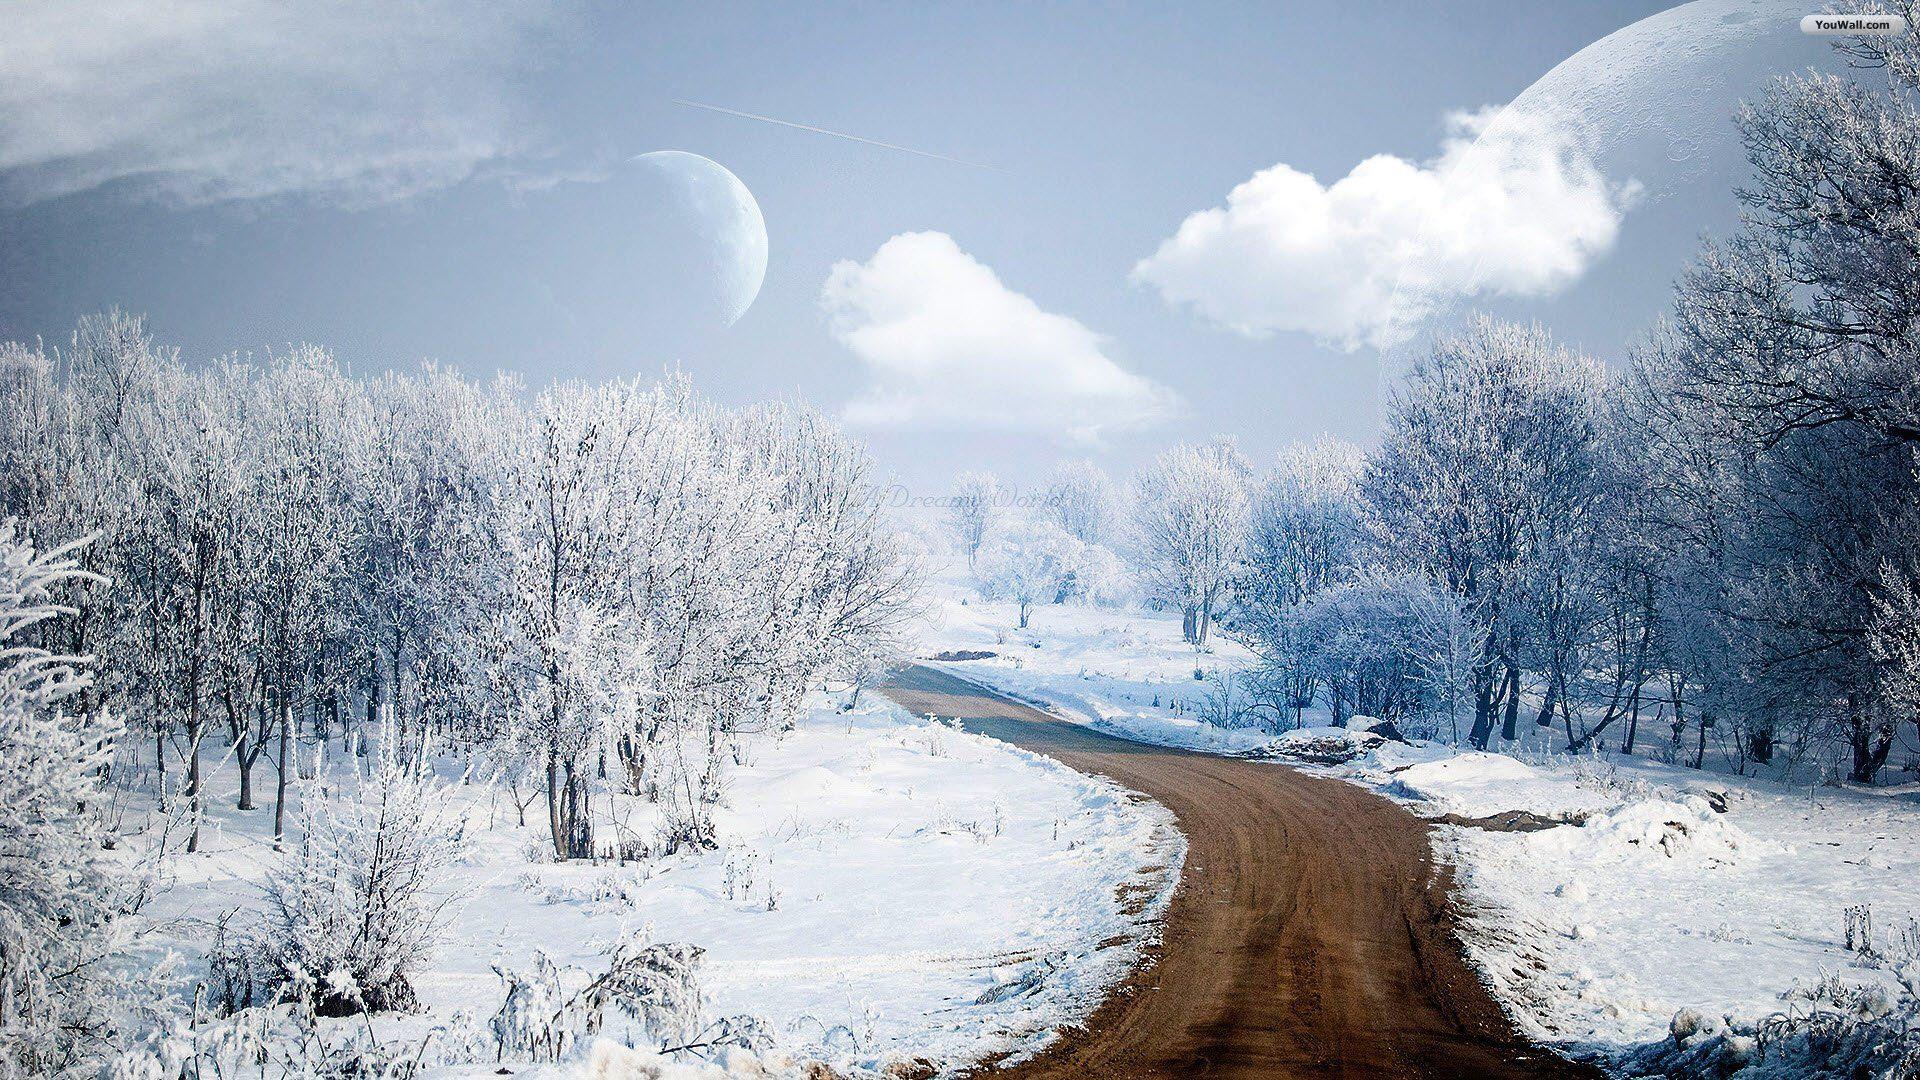 Winter Road Scene Hd Desktop Wallpaper Widescreen High Winter Wallpaper Hd Winter Wallpaper World Wallpaper